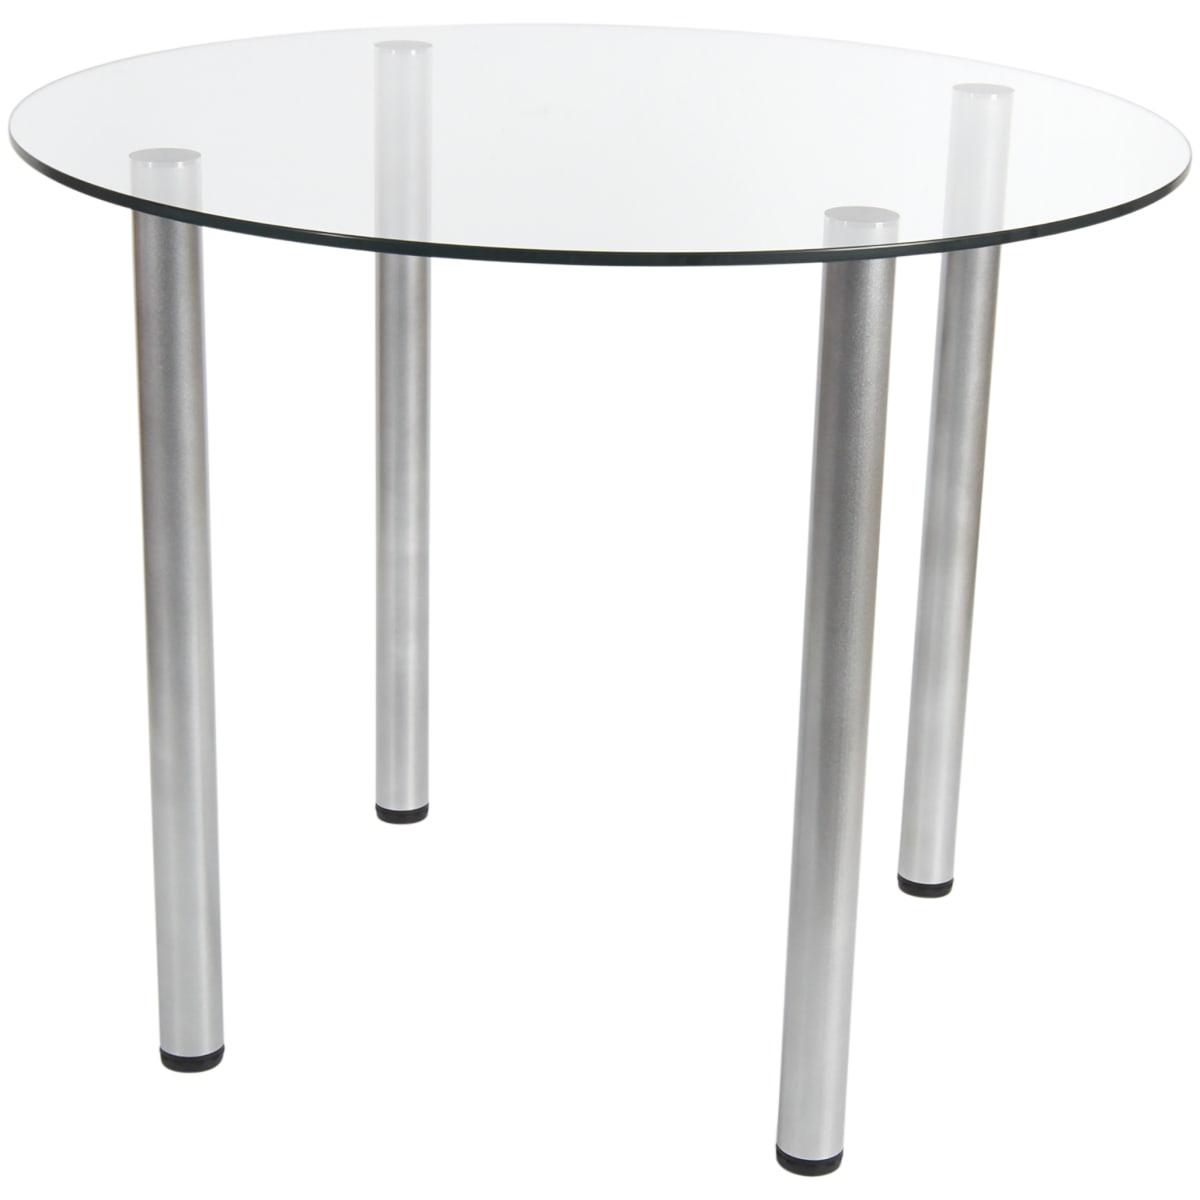 Стол кухонный круглый Версаль, 4 персоны, d90 см, стекло